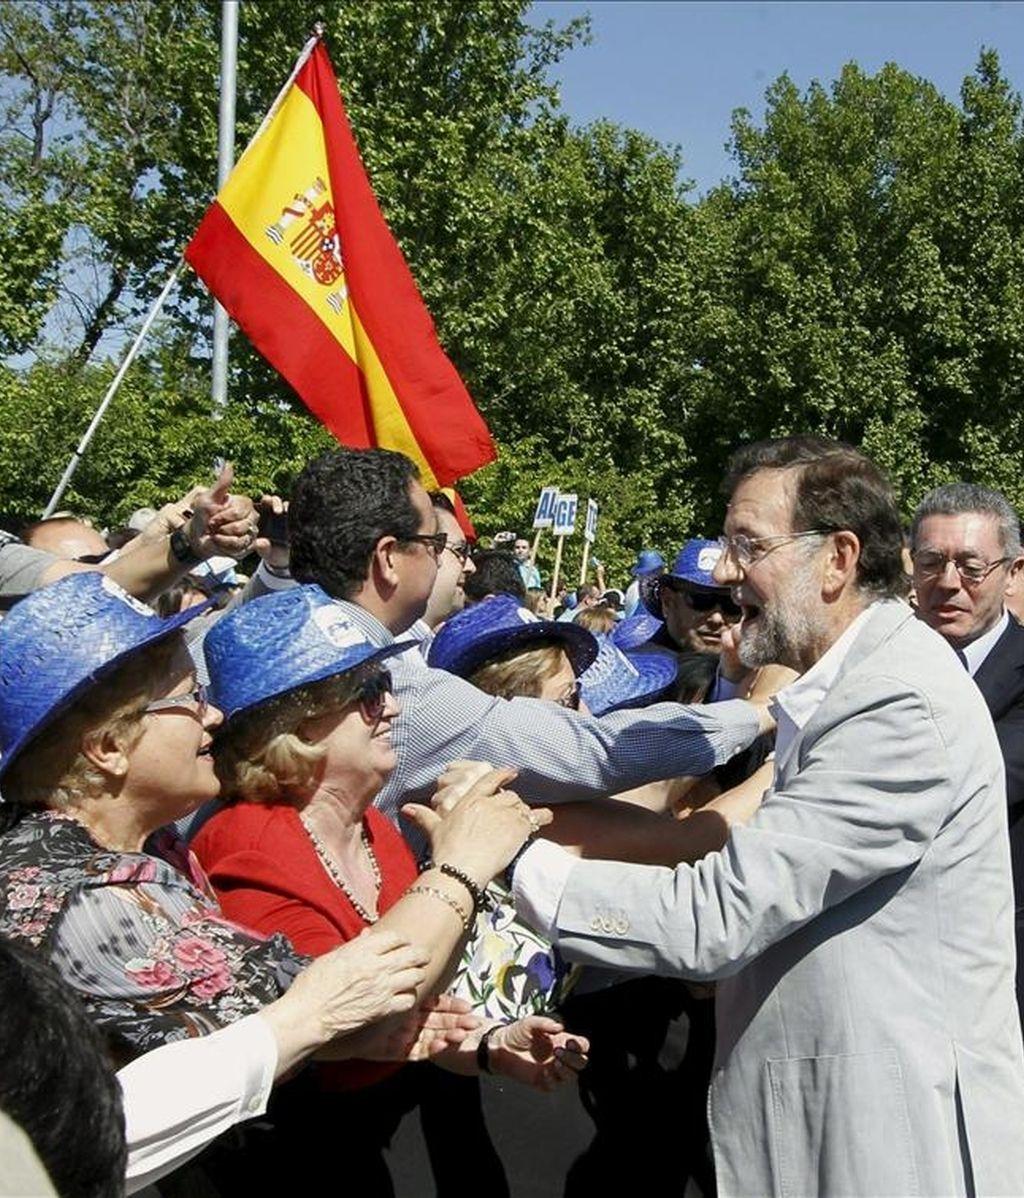 El presidente del PP, Mariano Rajoy (2d), y el alcalde de Madrid, Alberto Ruiz Gallardón (d), saludan a los asistentes a su llegada al acto principal de la jornada electoral del Partido Popular celebrado hoy en la explanada de Madrid Río. EFE